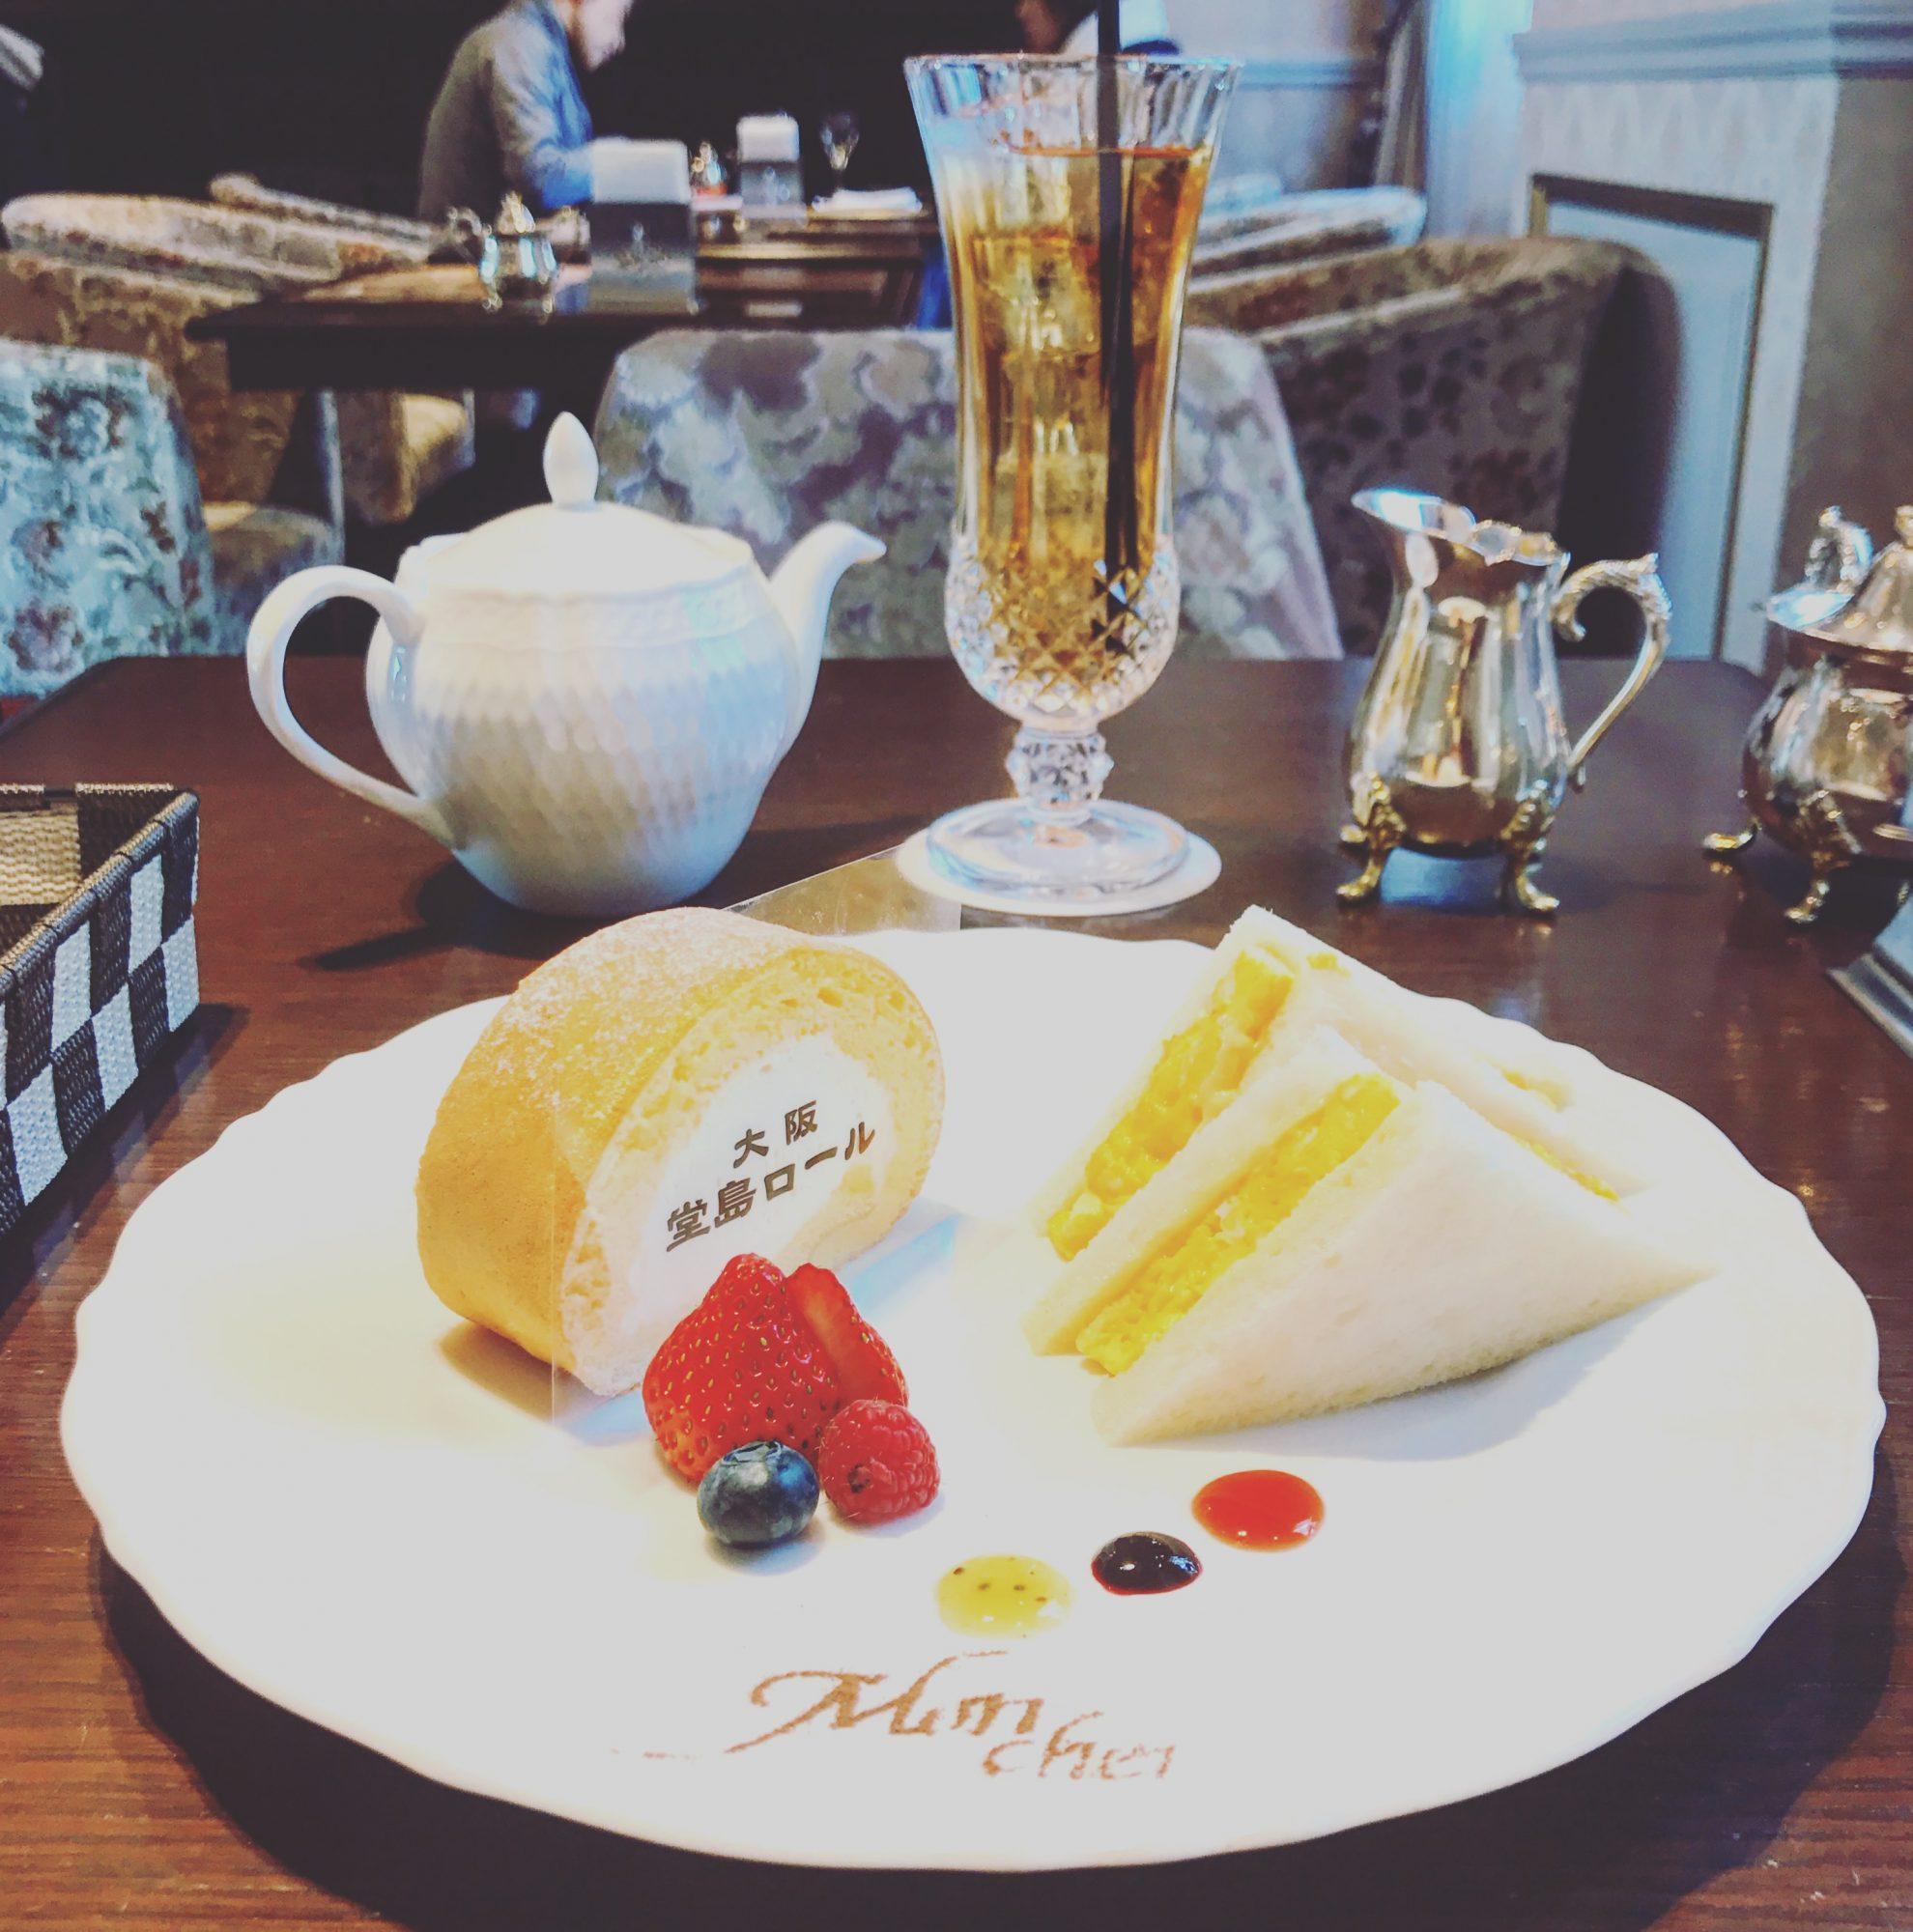 心斎橋【Mon Cher 堂島ロール】大阪限定プレートを食べました!【大阪】